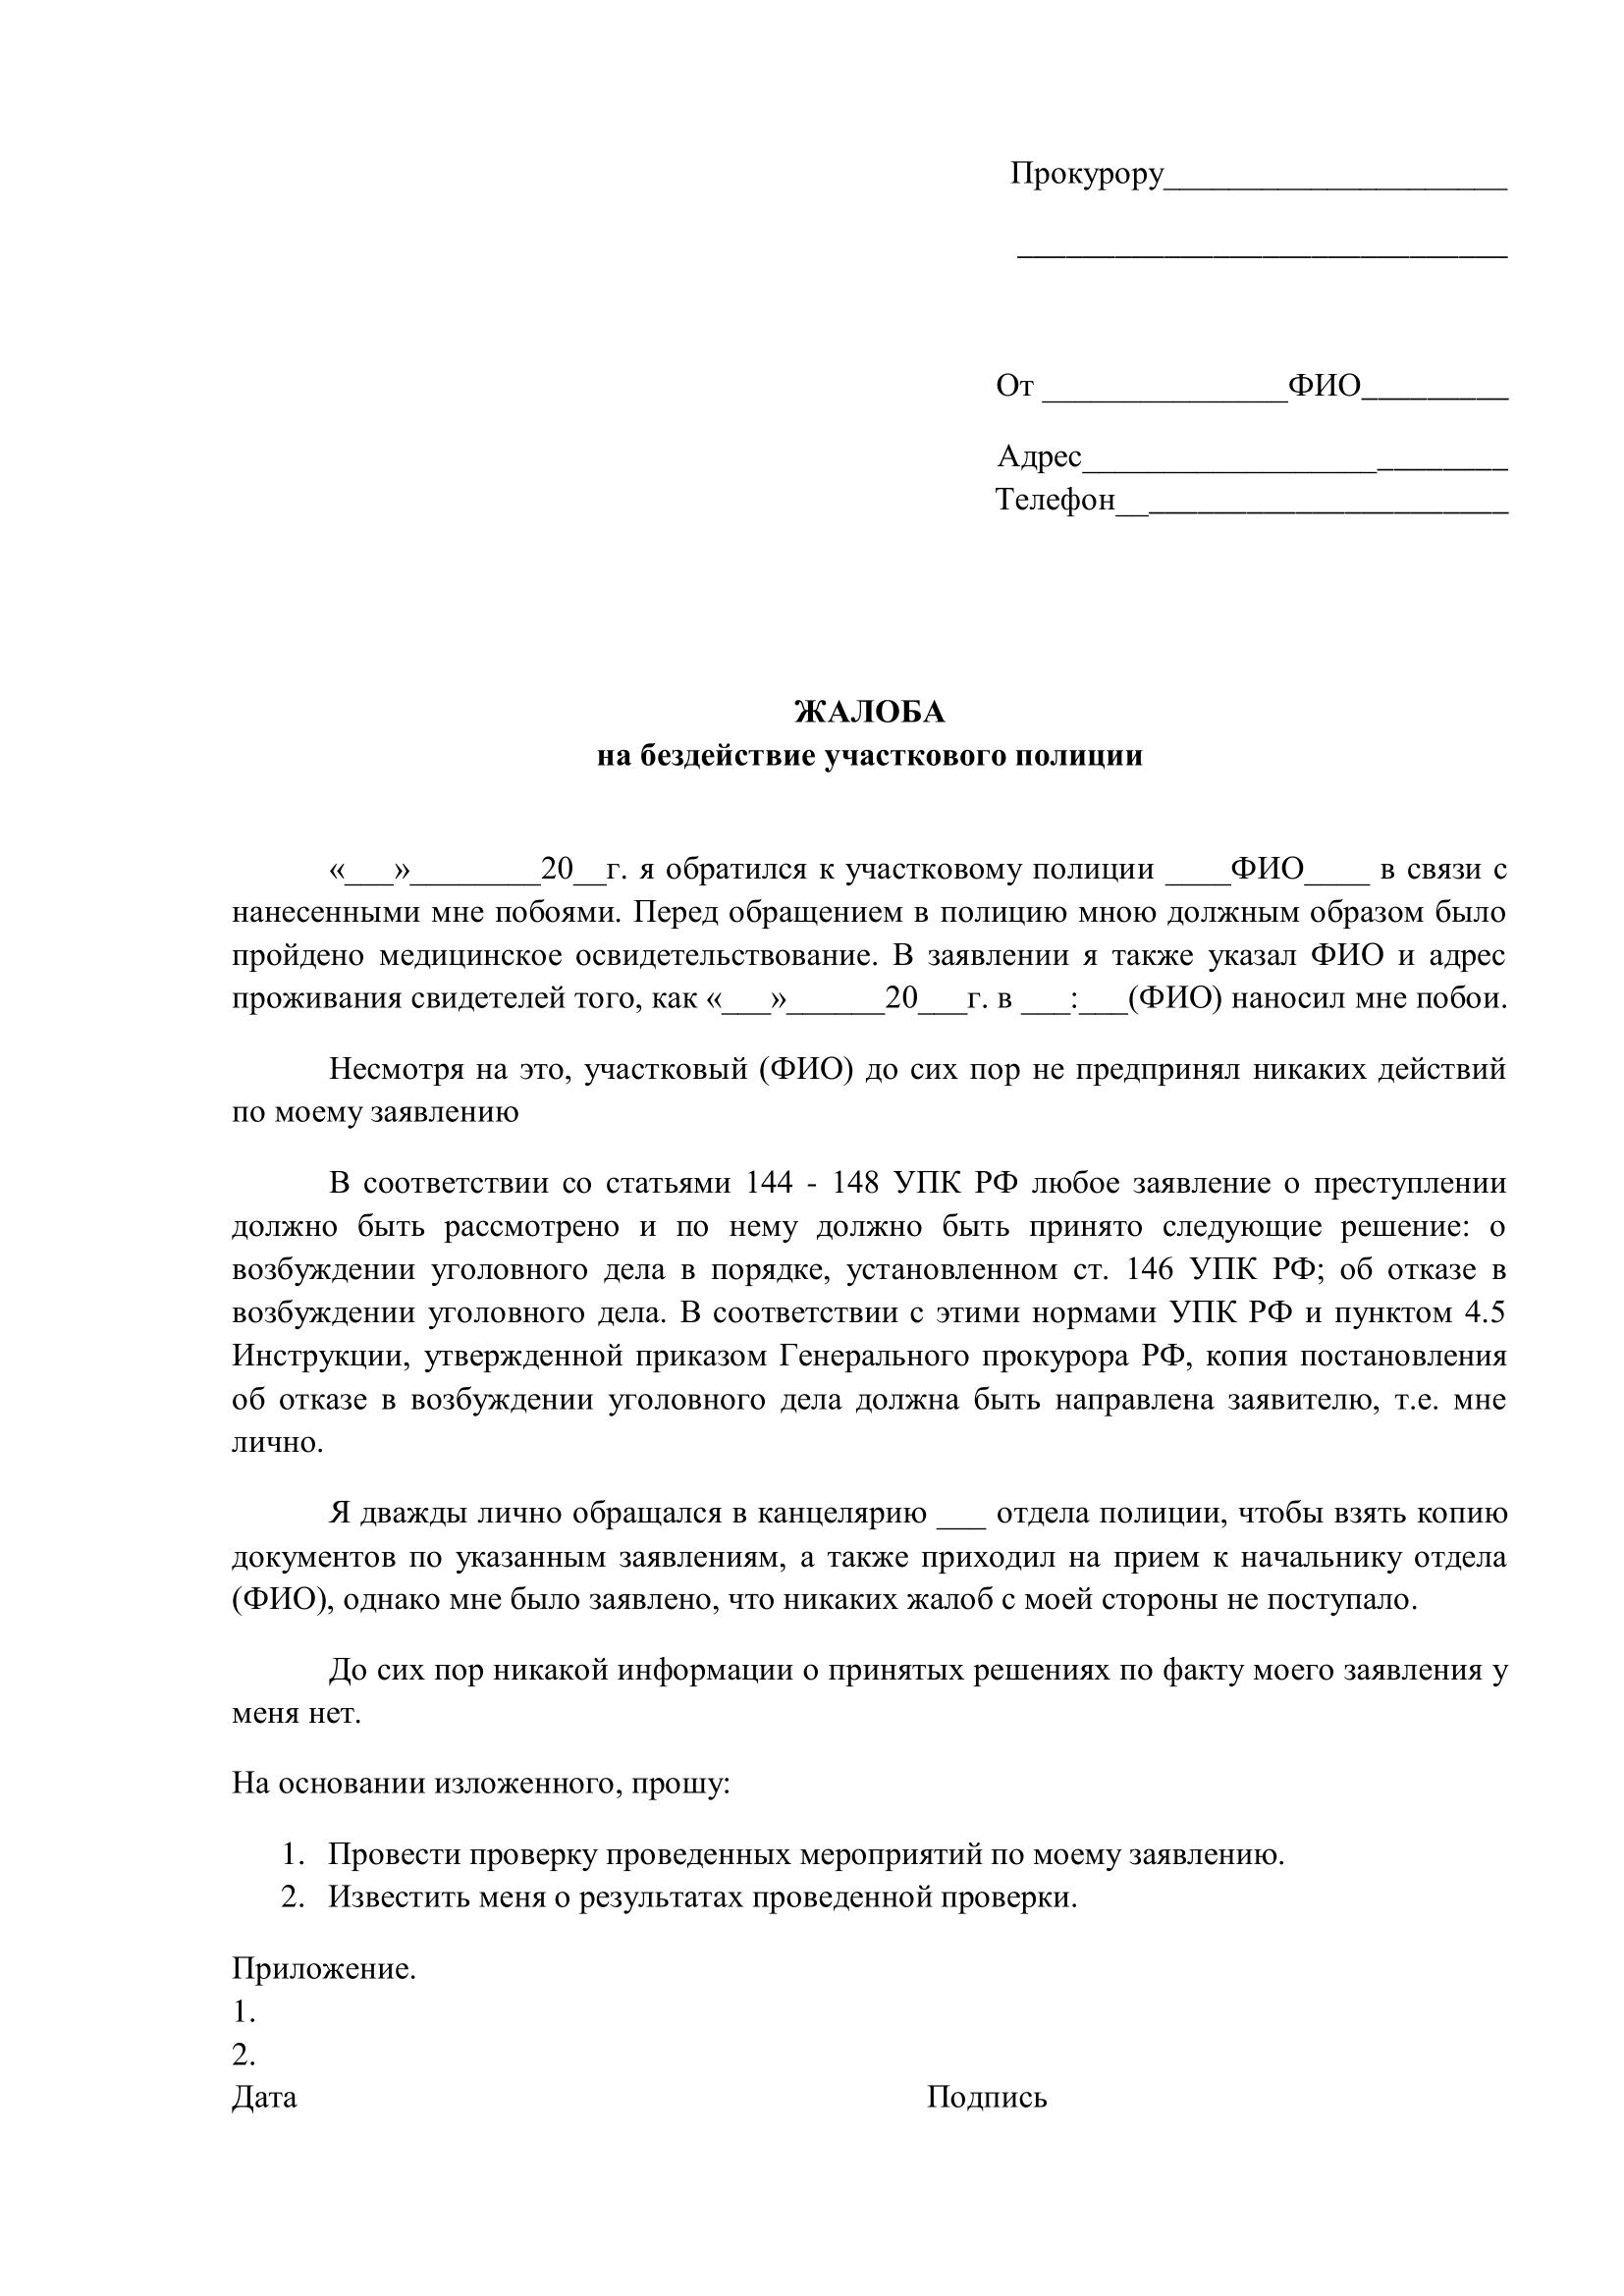 Жалоба прокурору на участкового